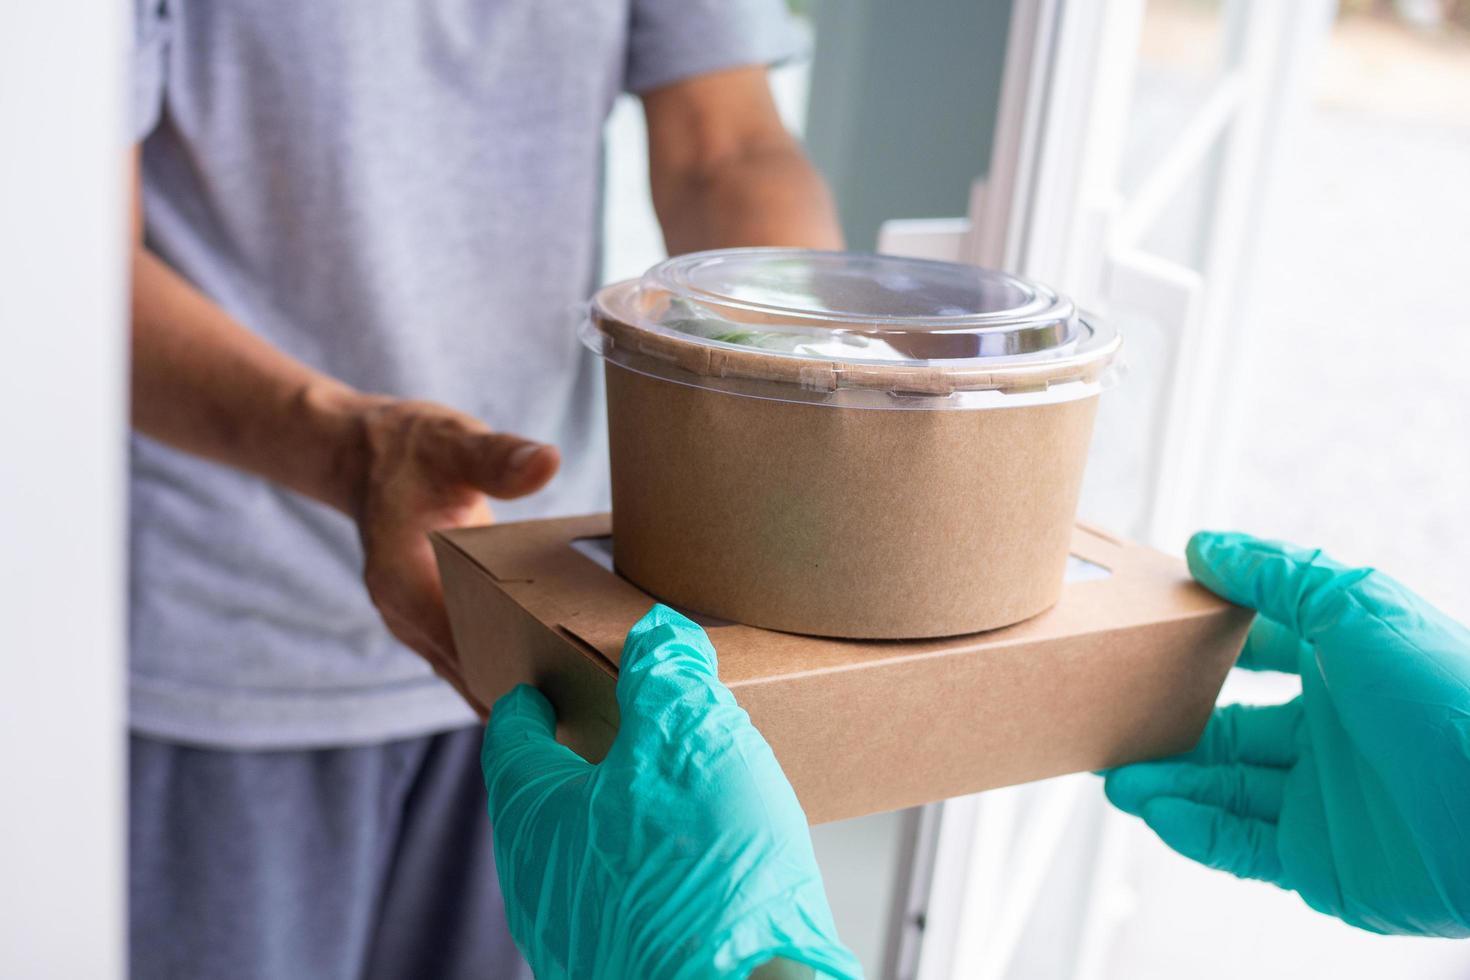 L'addetto alla consegna degli alimenti incontra il cliente alla porta con cibo da asporto foto